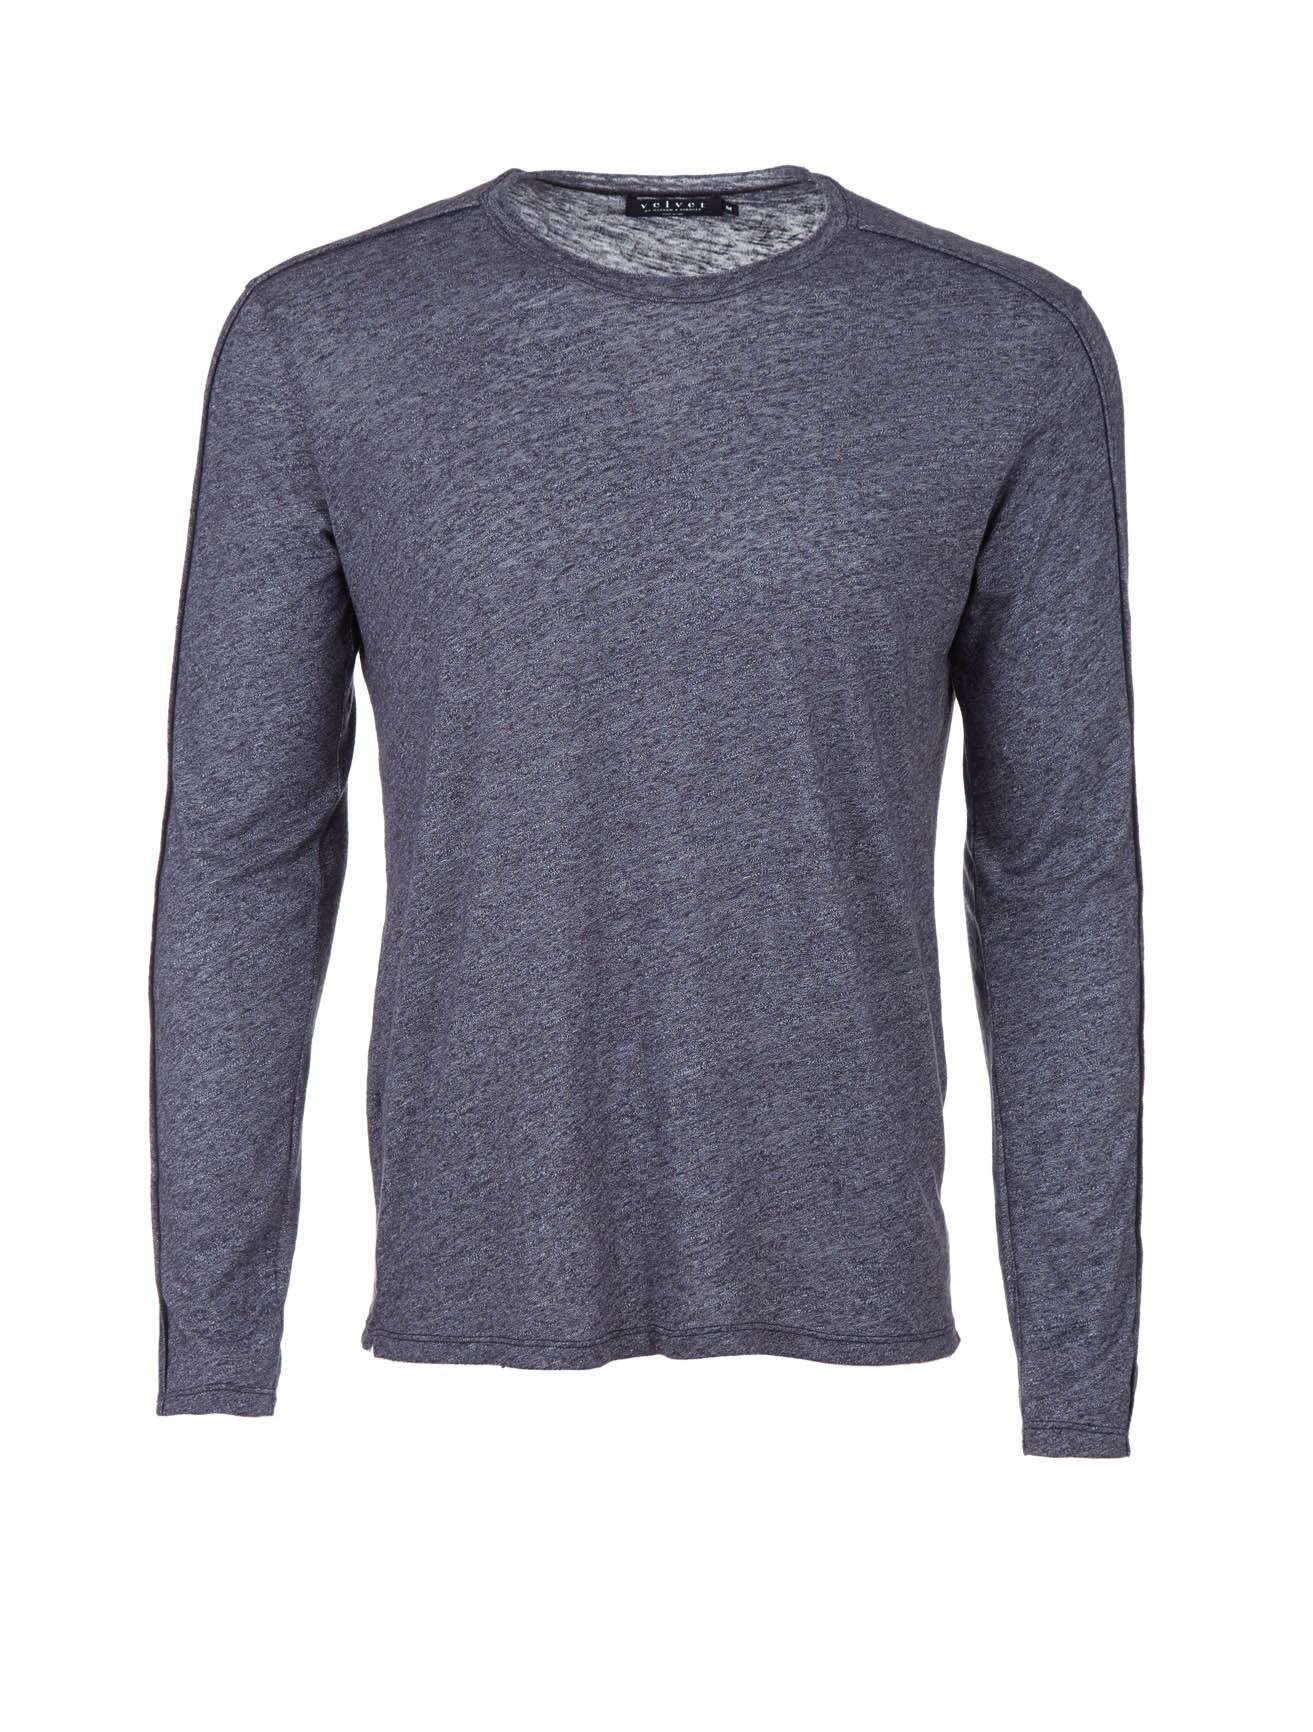 Velvet long sleeve slub knit shirt in gray for men slate for What is a slub shirt